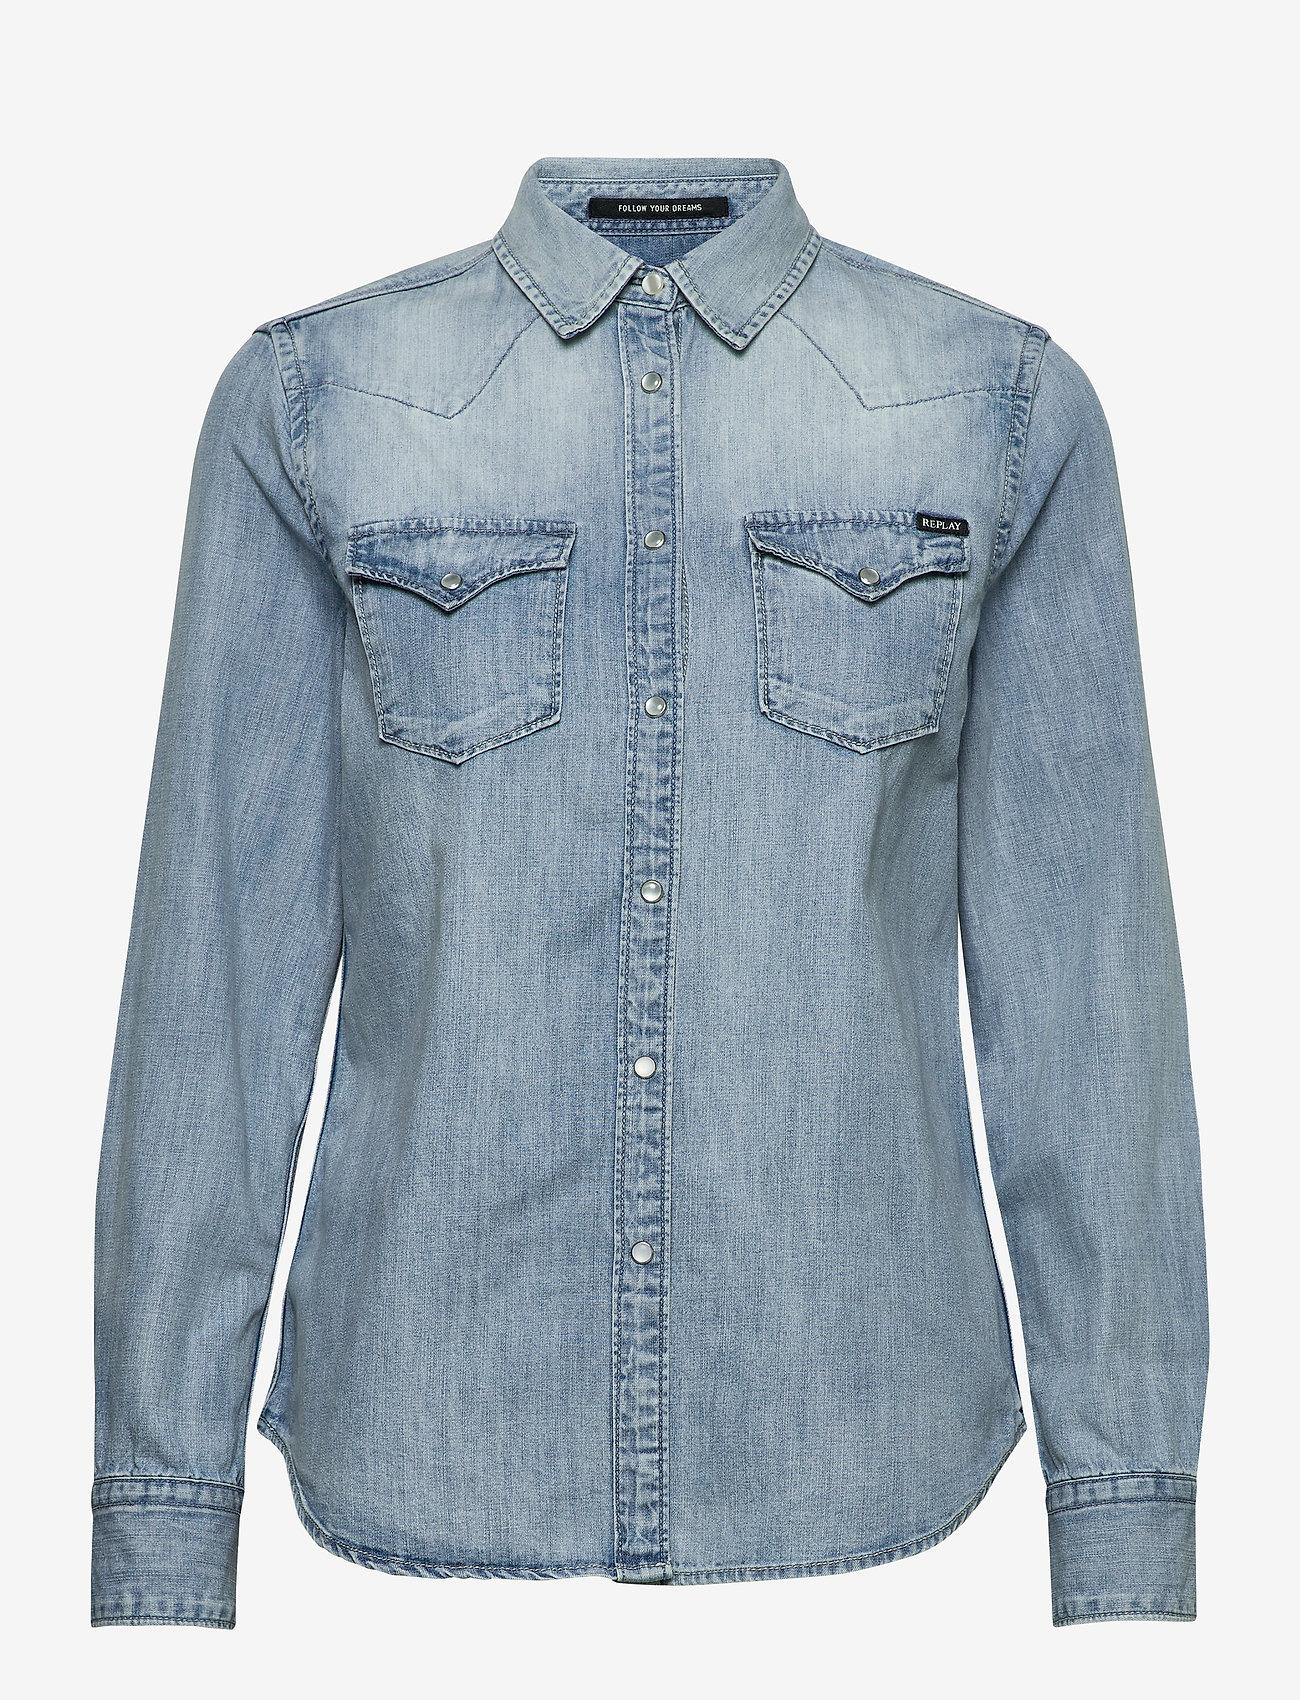 Replay - Shirt - chemises en jeans - light blue - 0